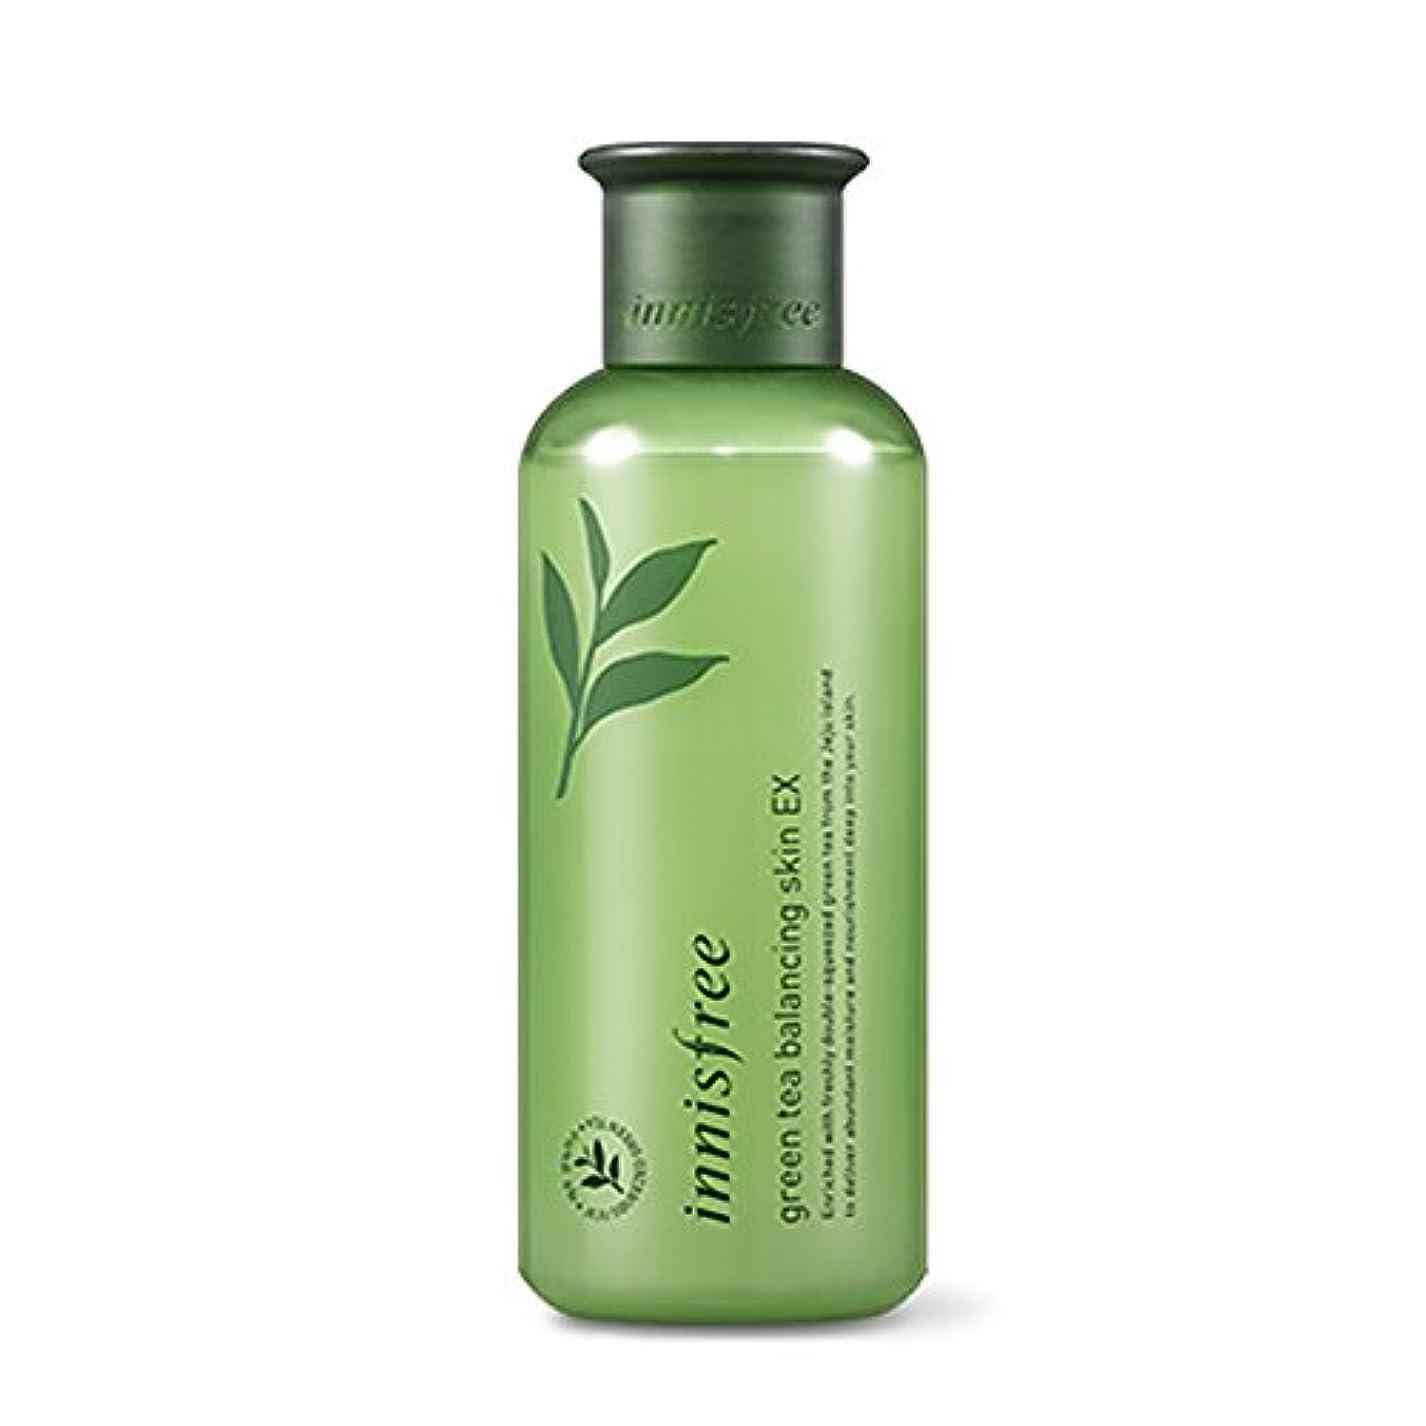 イニスフリーグリーンティーバランシングスキン(トナー)200ml Innisfree Green Tea Balancing Skin(Toner) 200ml